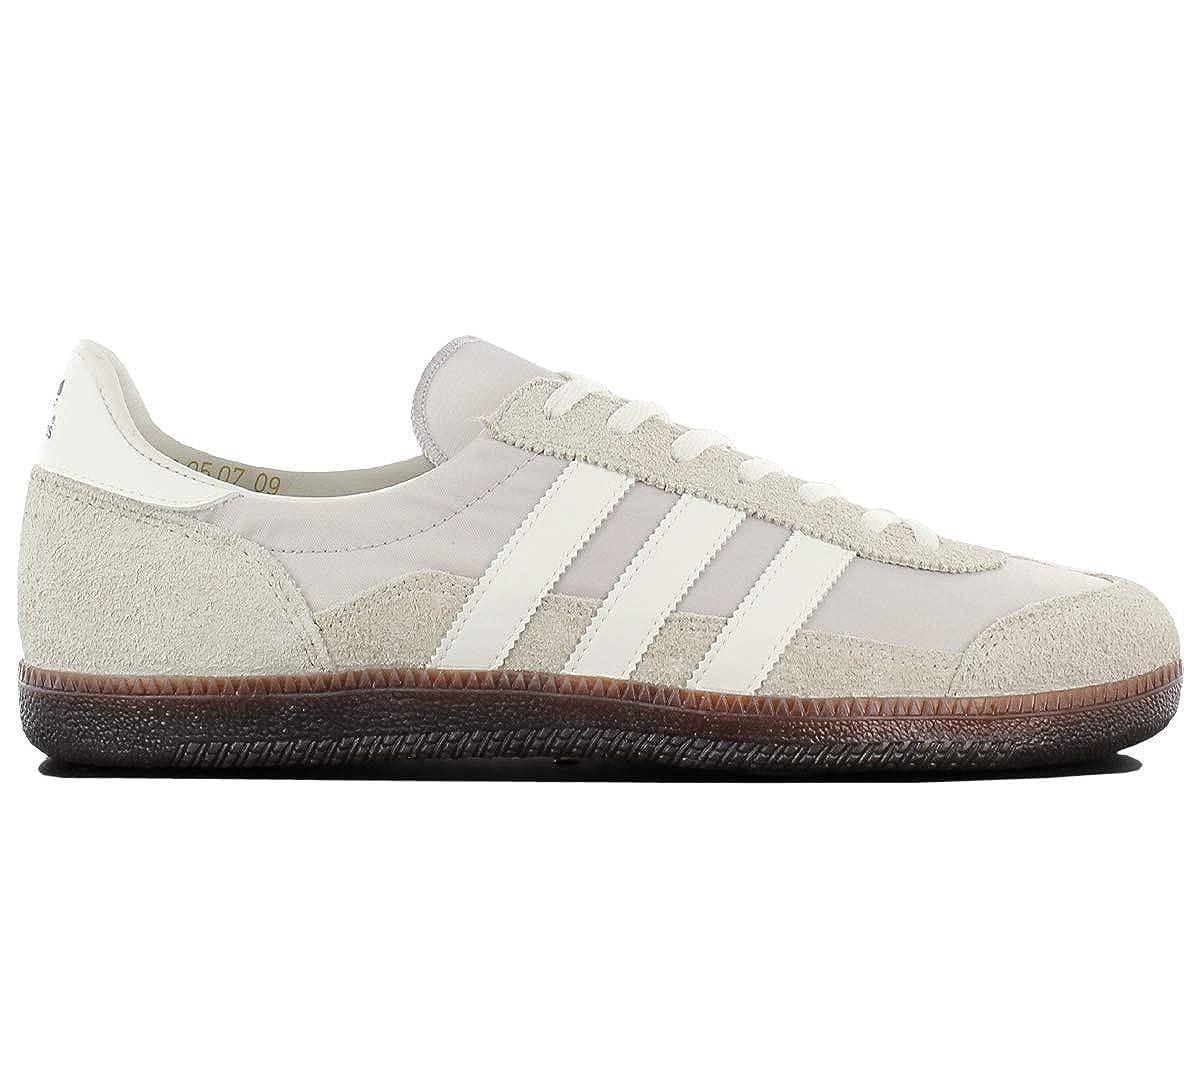 Adidas Originals Herren Wensley Spezial Turnschuhe Schuhe -Stein